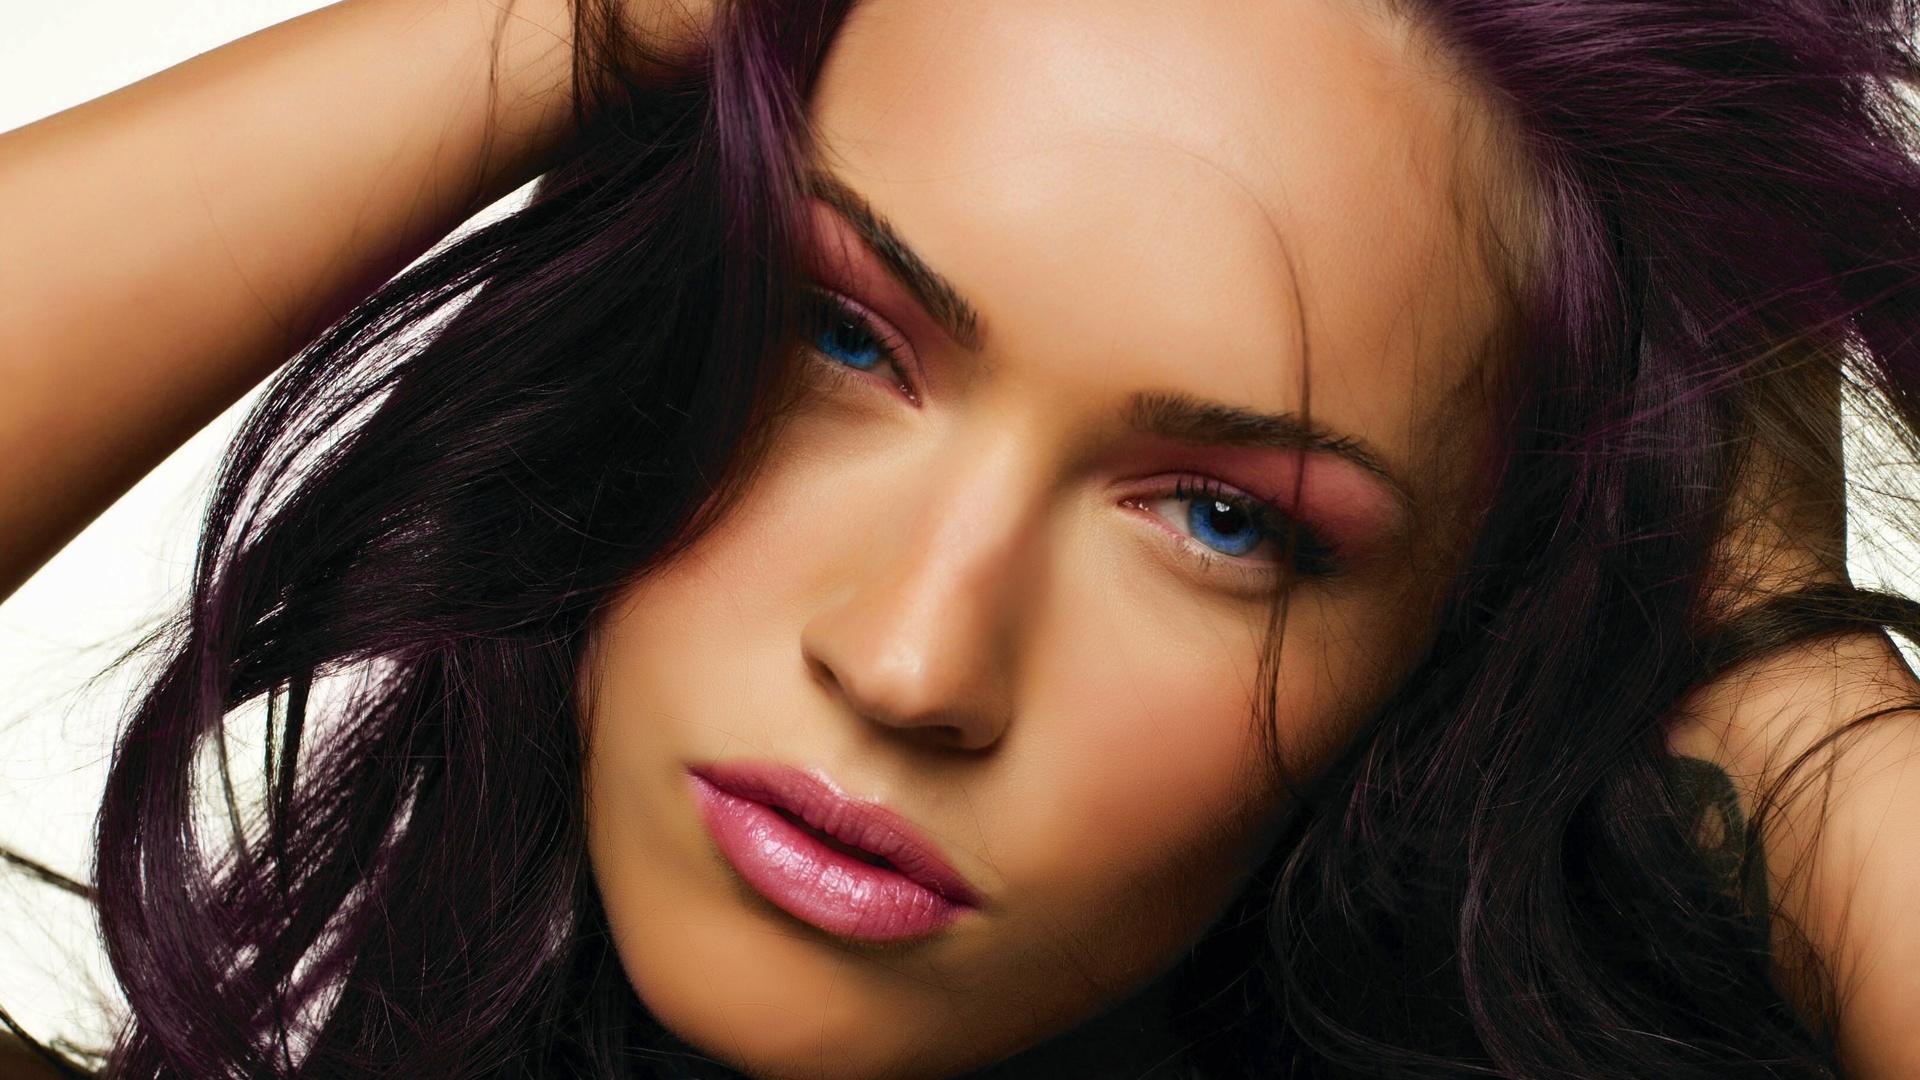 Лица девушек секси фото 316-1000